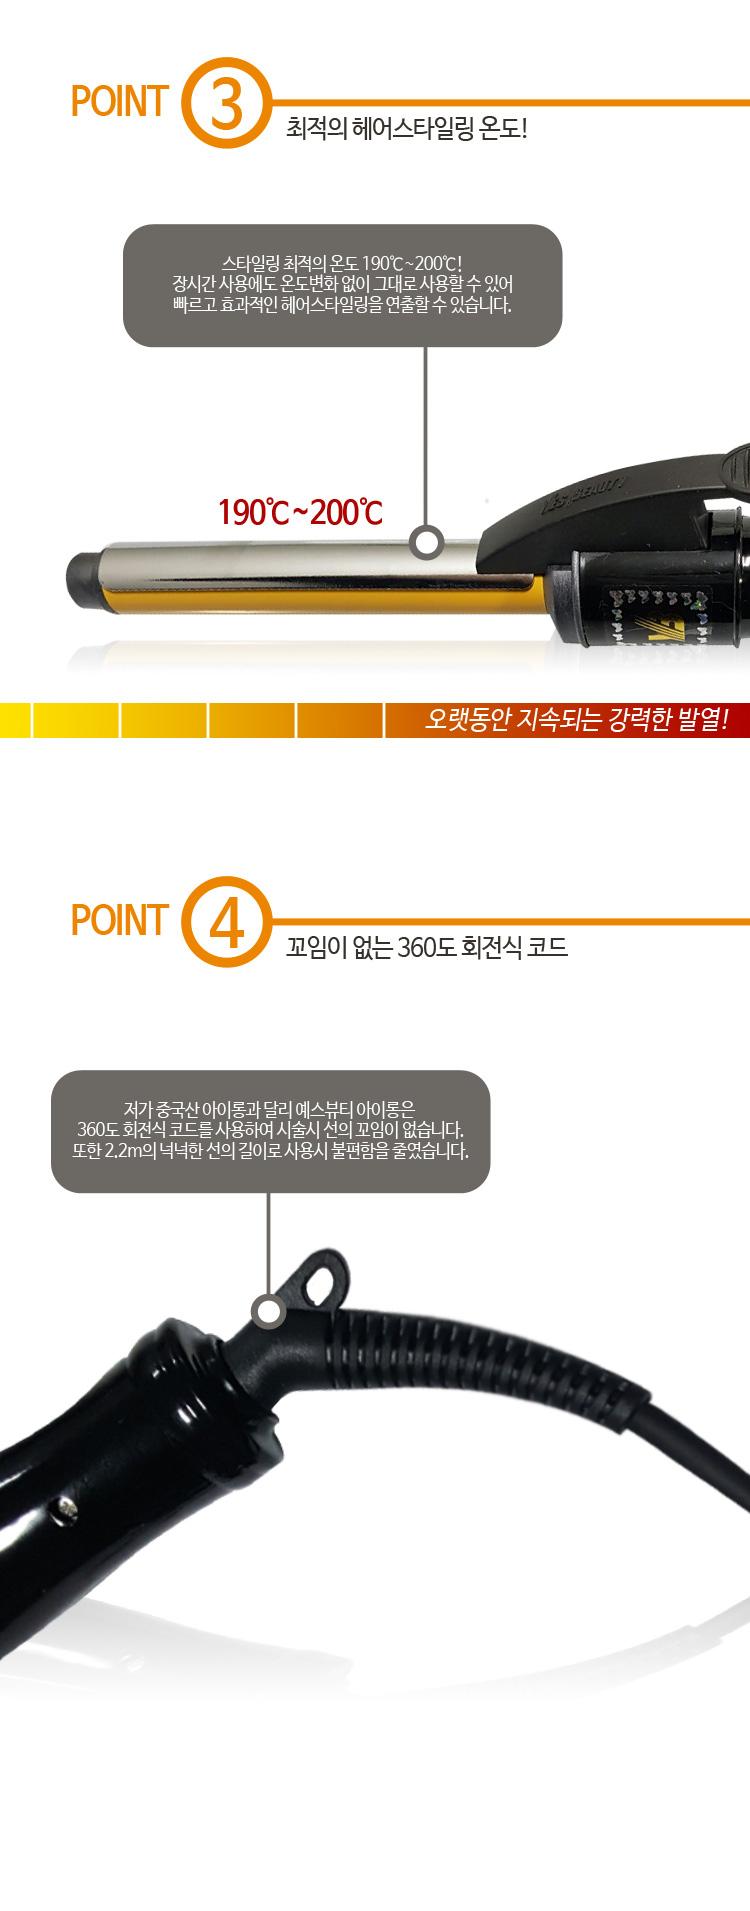 미용,매직기,아이롱,헤어스타일링,예스뷰티